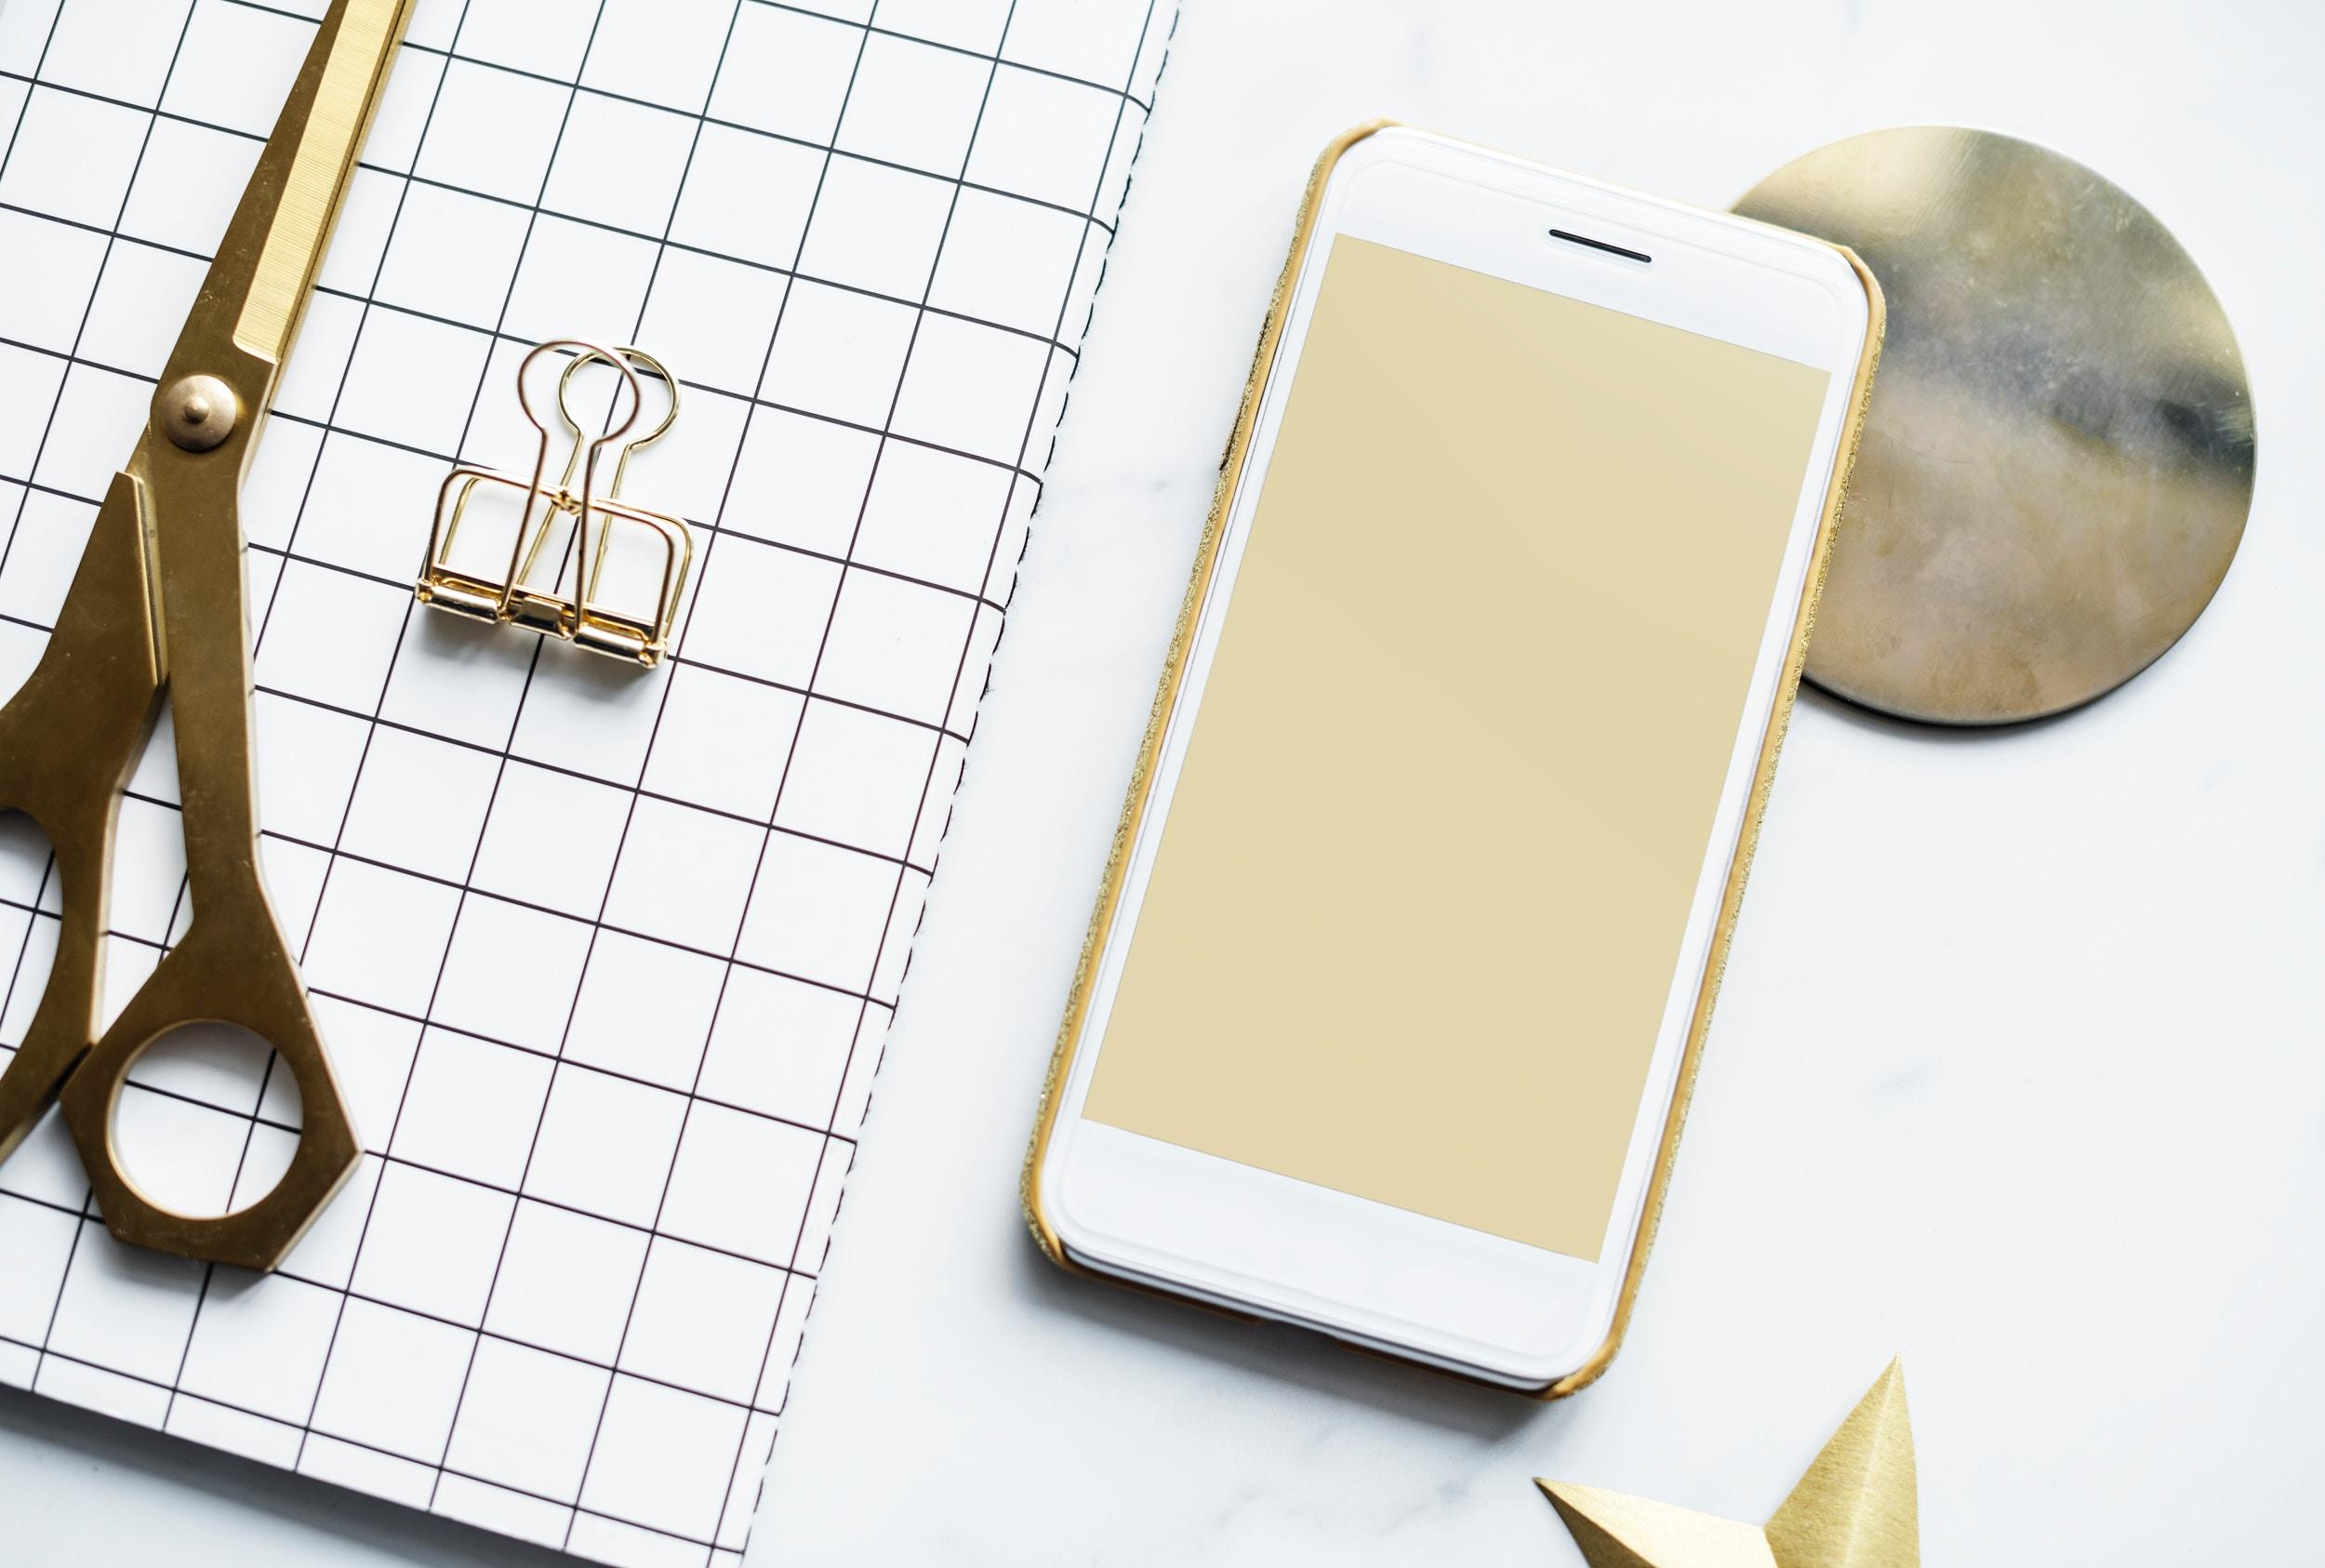 吉祥寺のiPhoneバッテリー交換おすすめ店舗10選